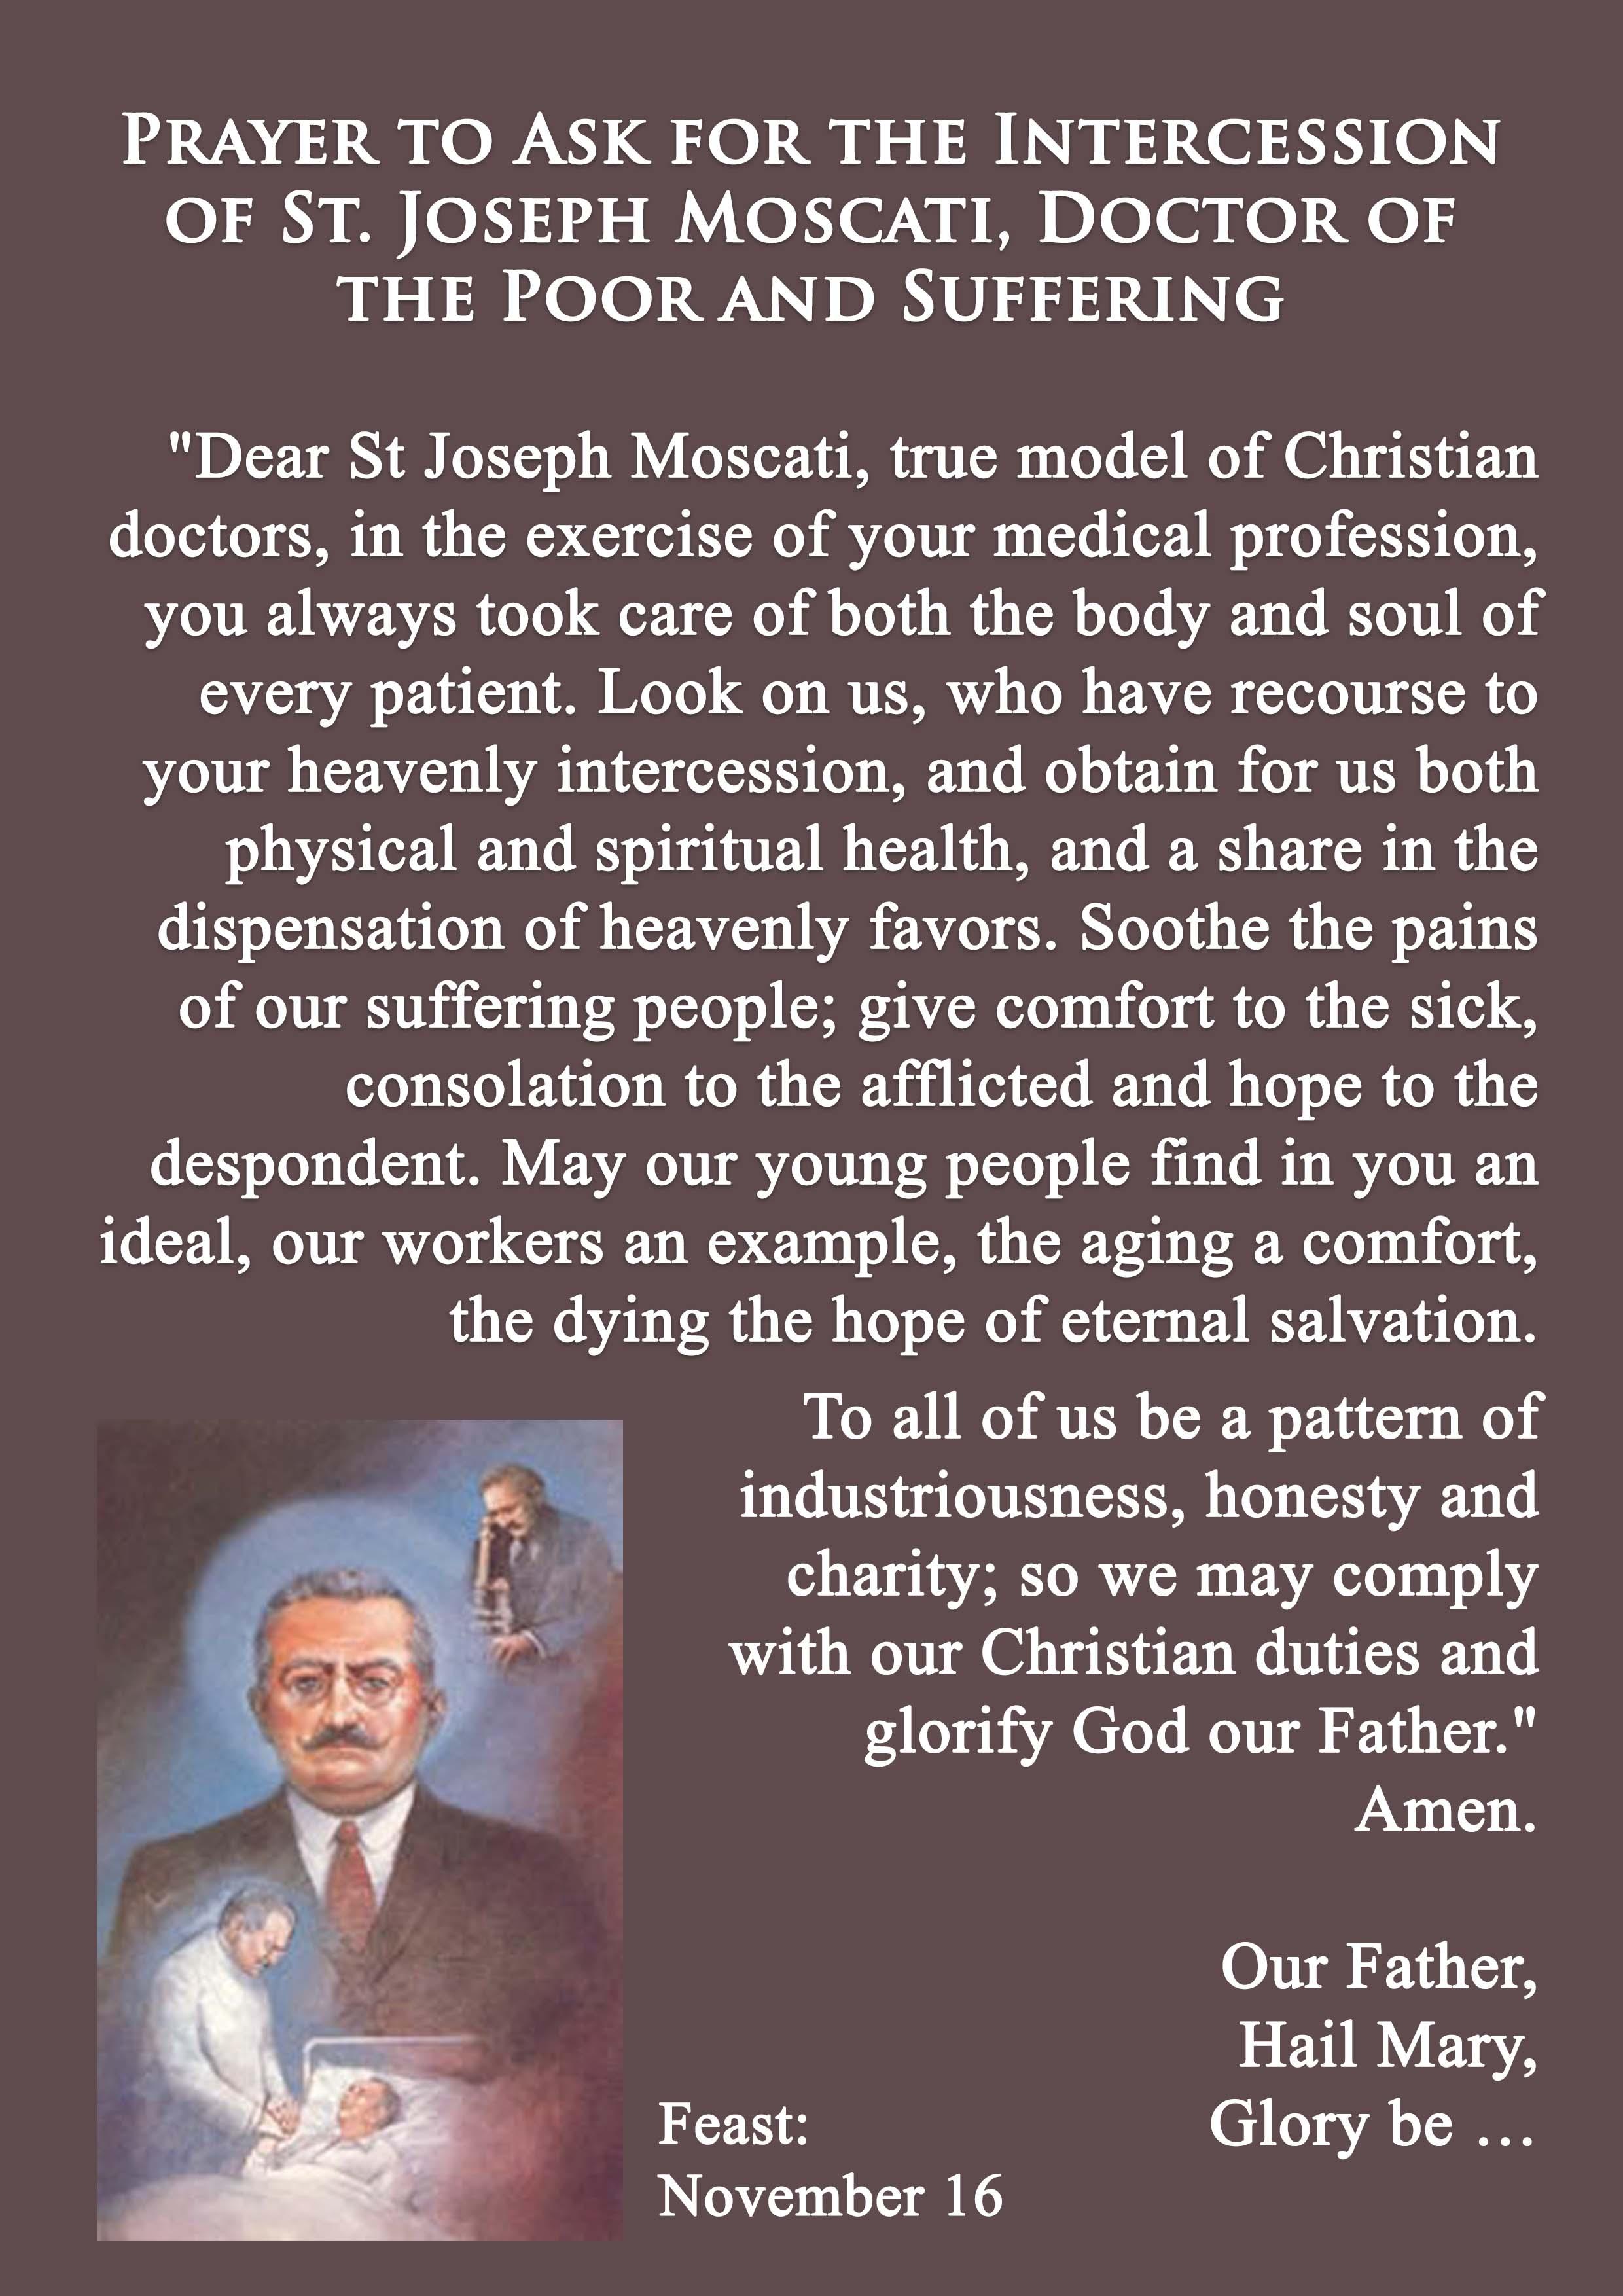 St Joseph Moscati